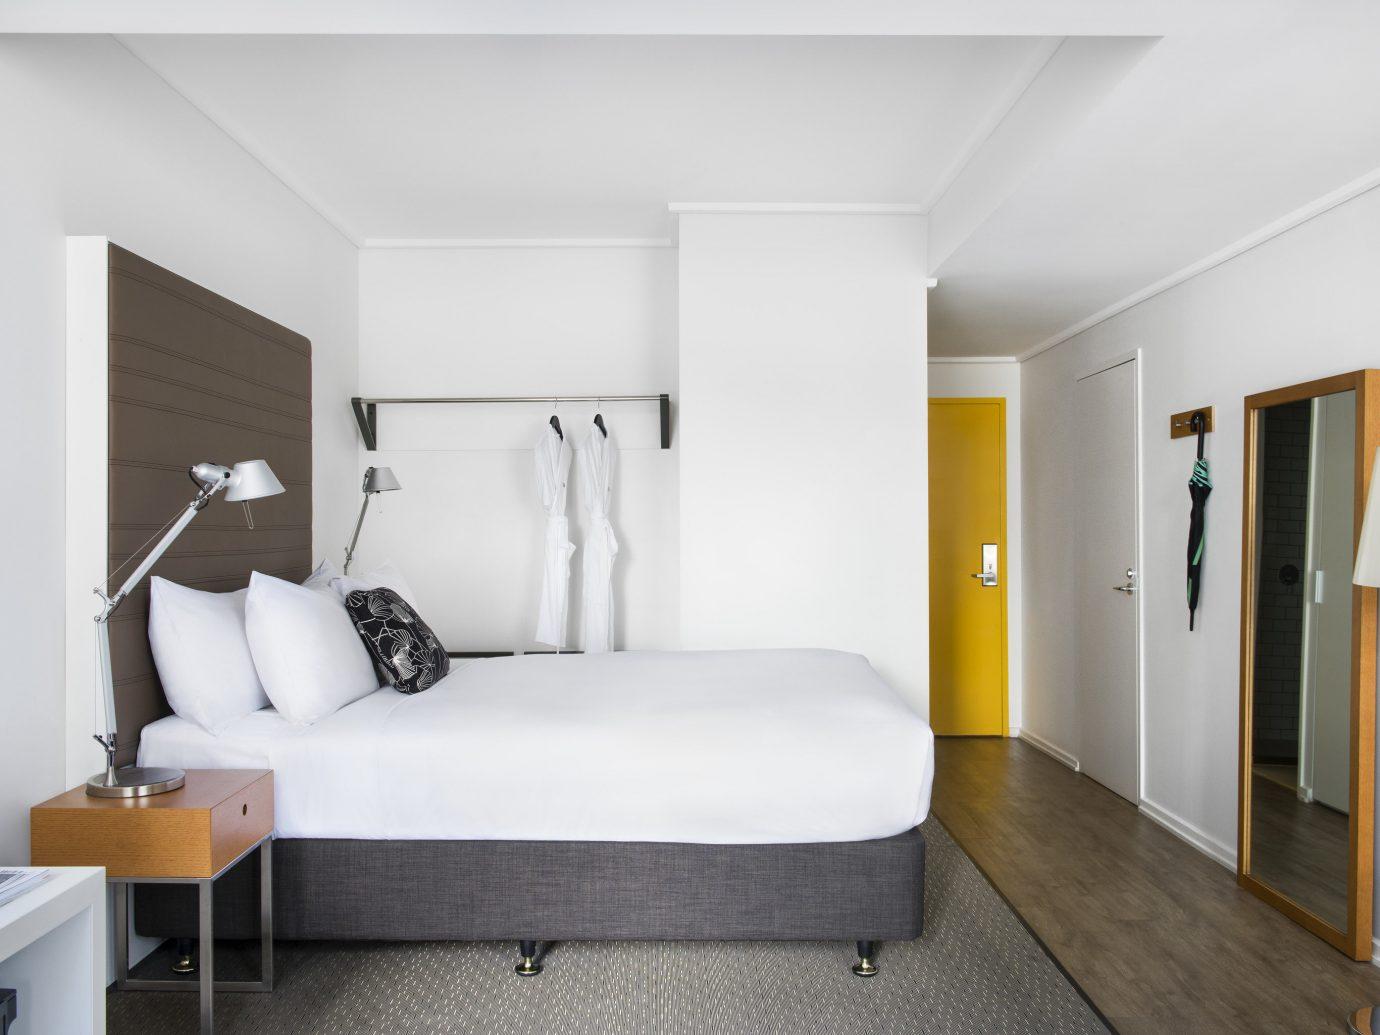 Australia Hotels Melbourne wall indoor floor room Living Architecture ceiling interior design Suite Bedroom bed frame real estate furniture house interior designer